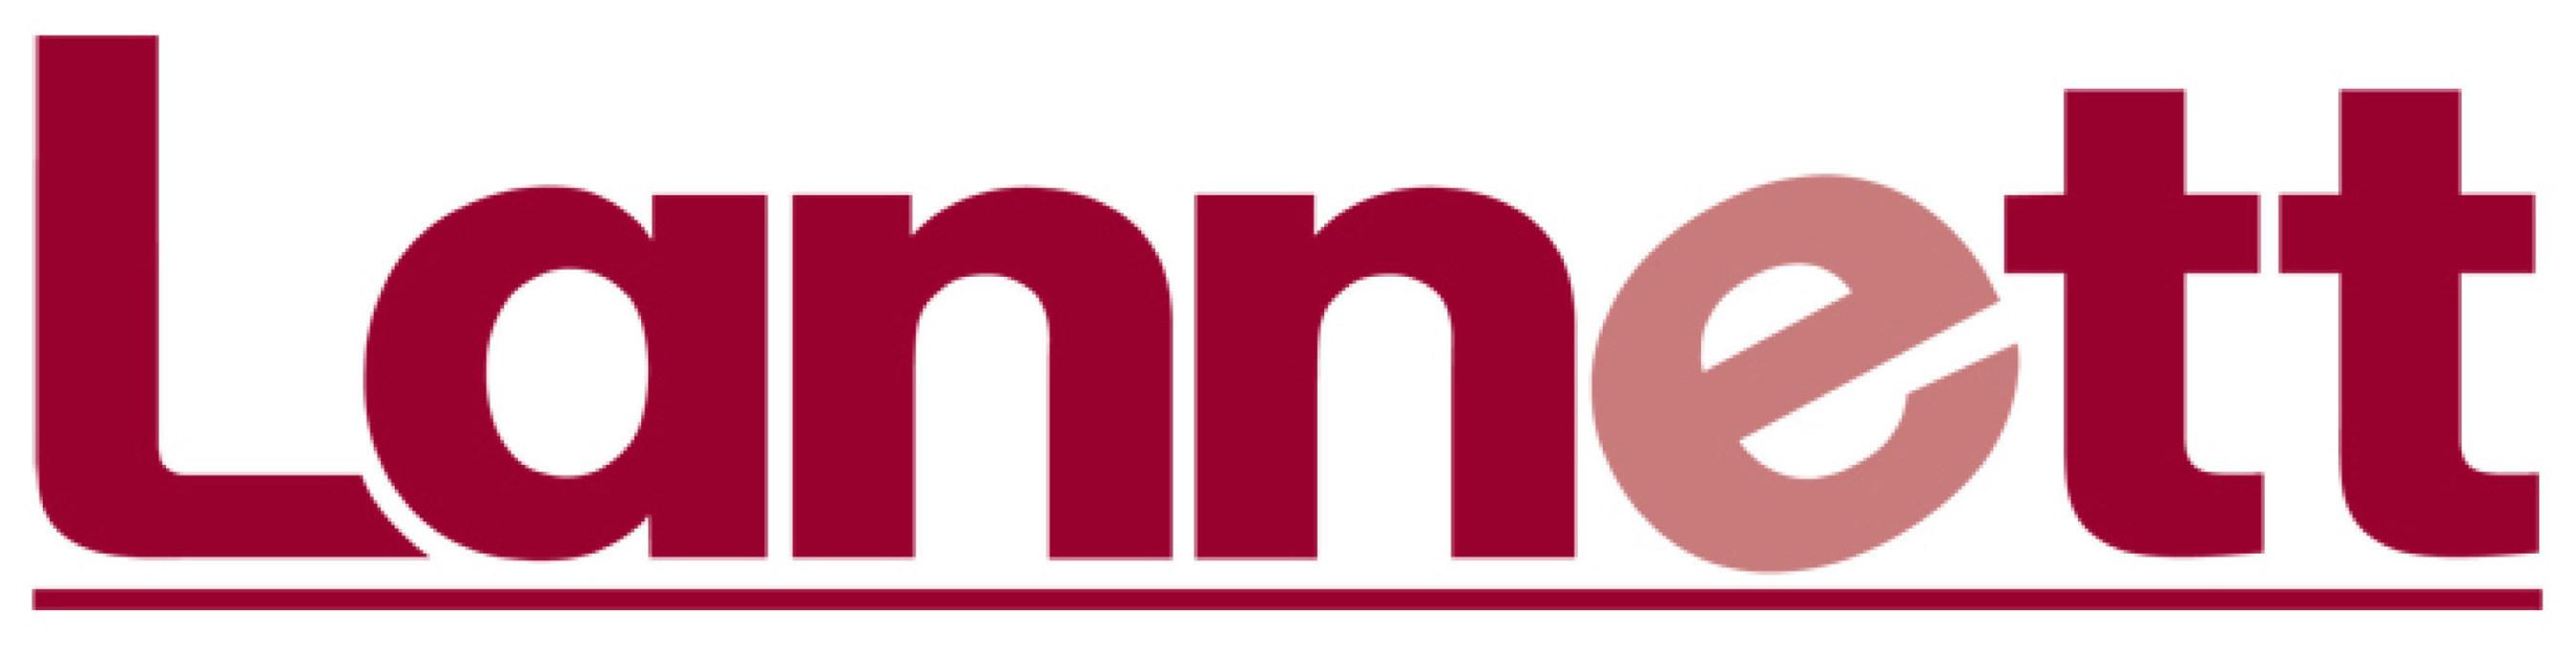 Lannett Co logo